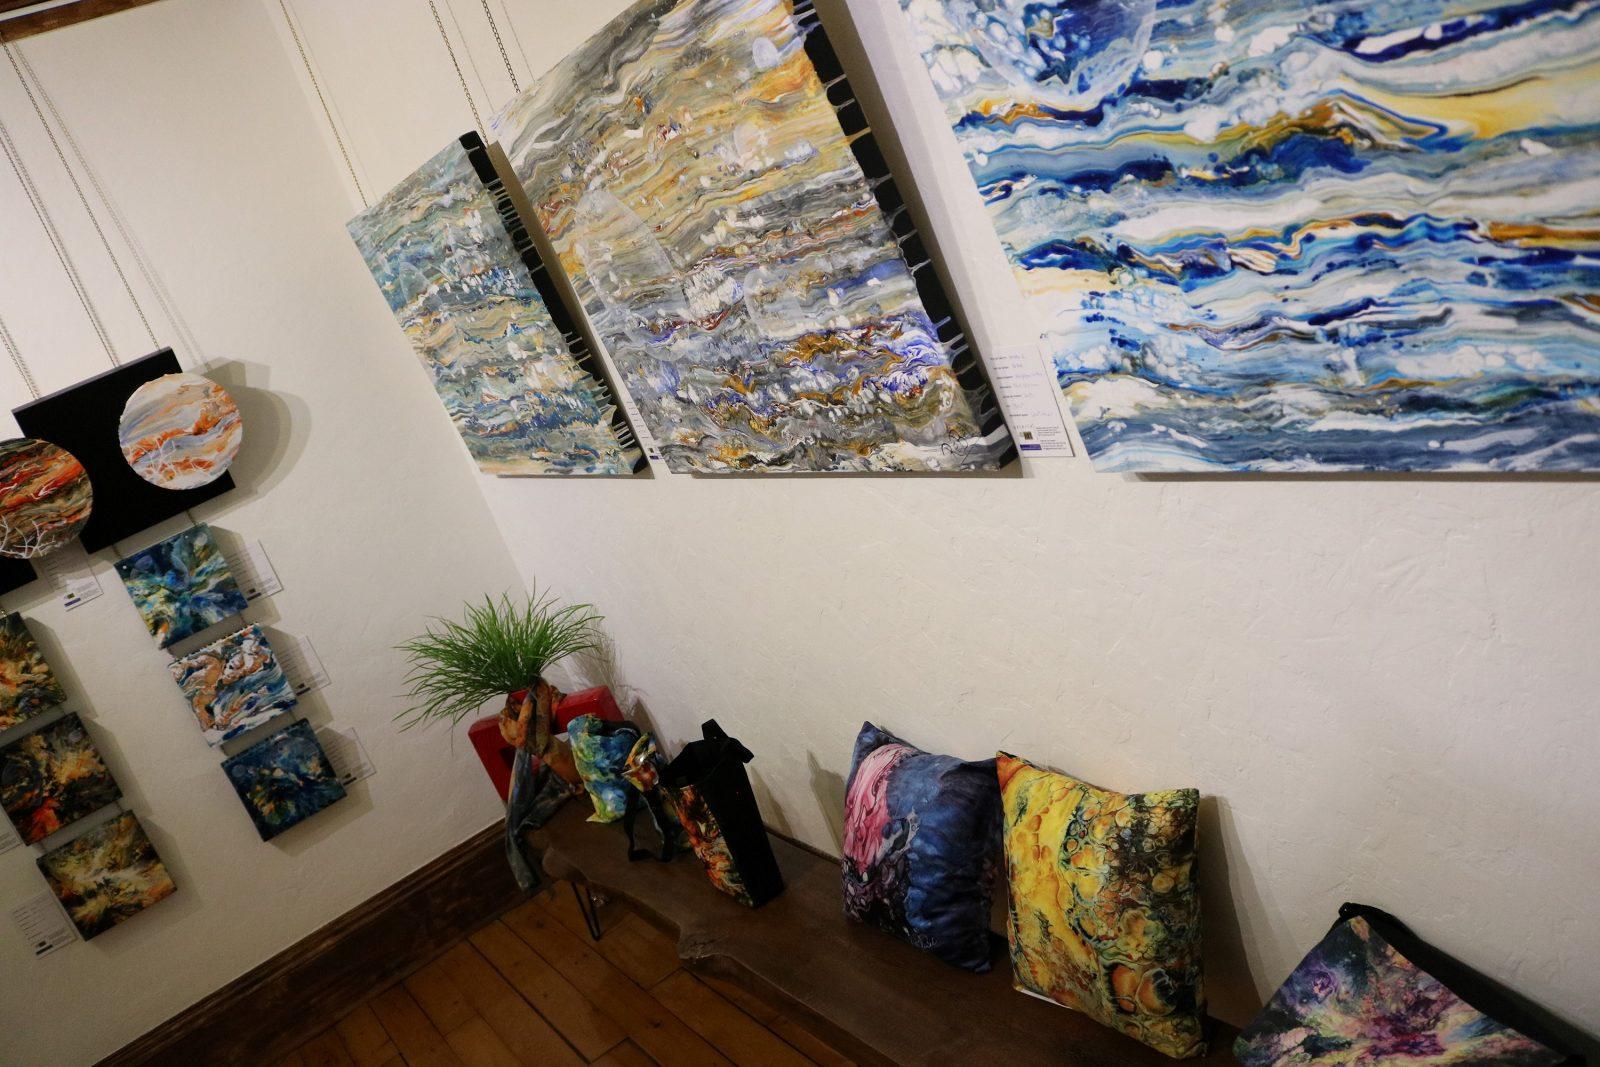 La Galerie mp tresart présente l'exposition Dans l'univers de ReBel